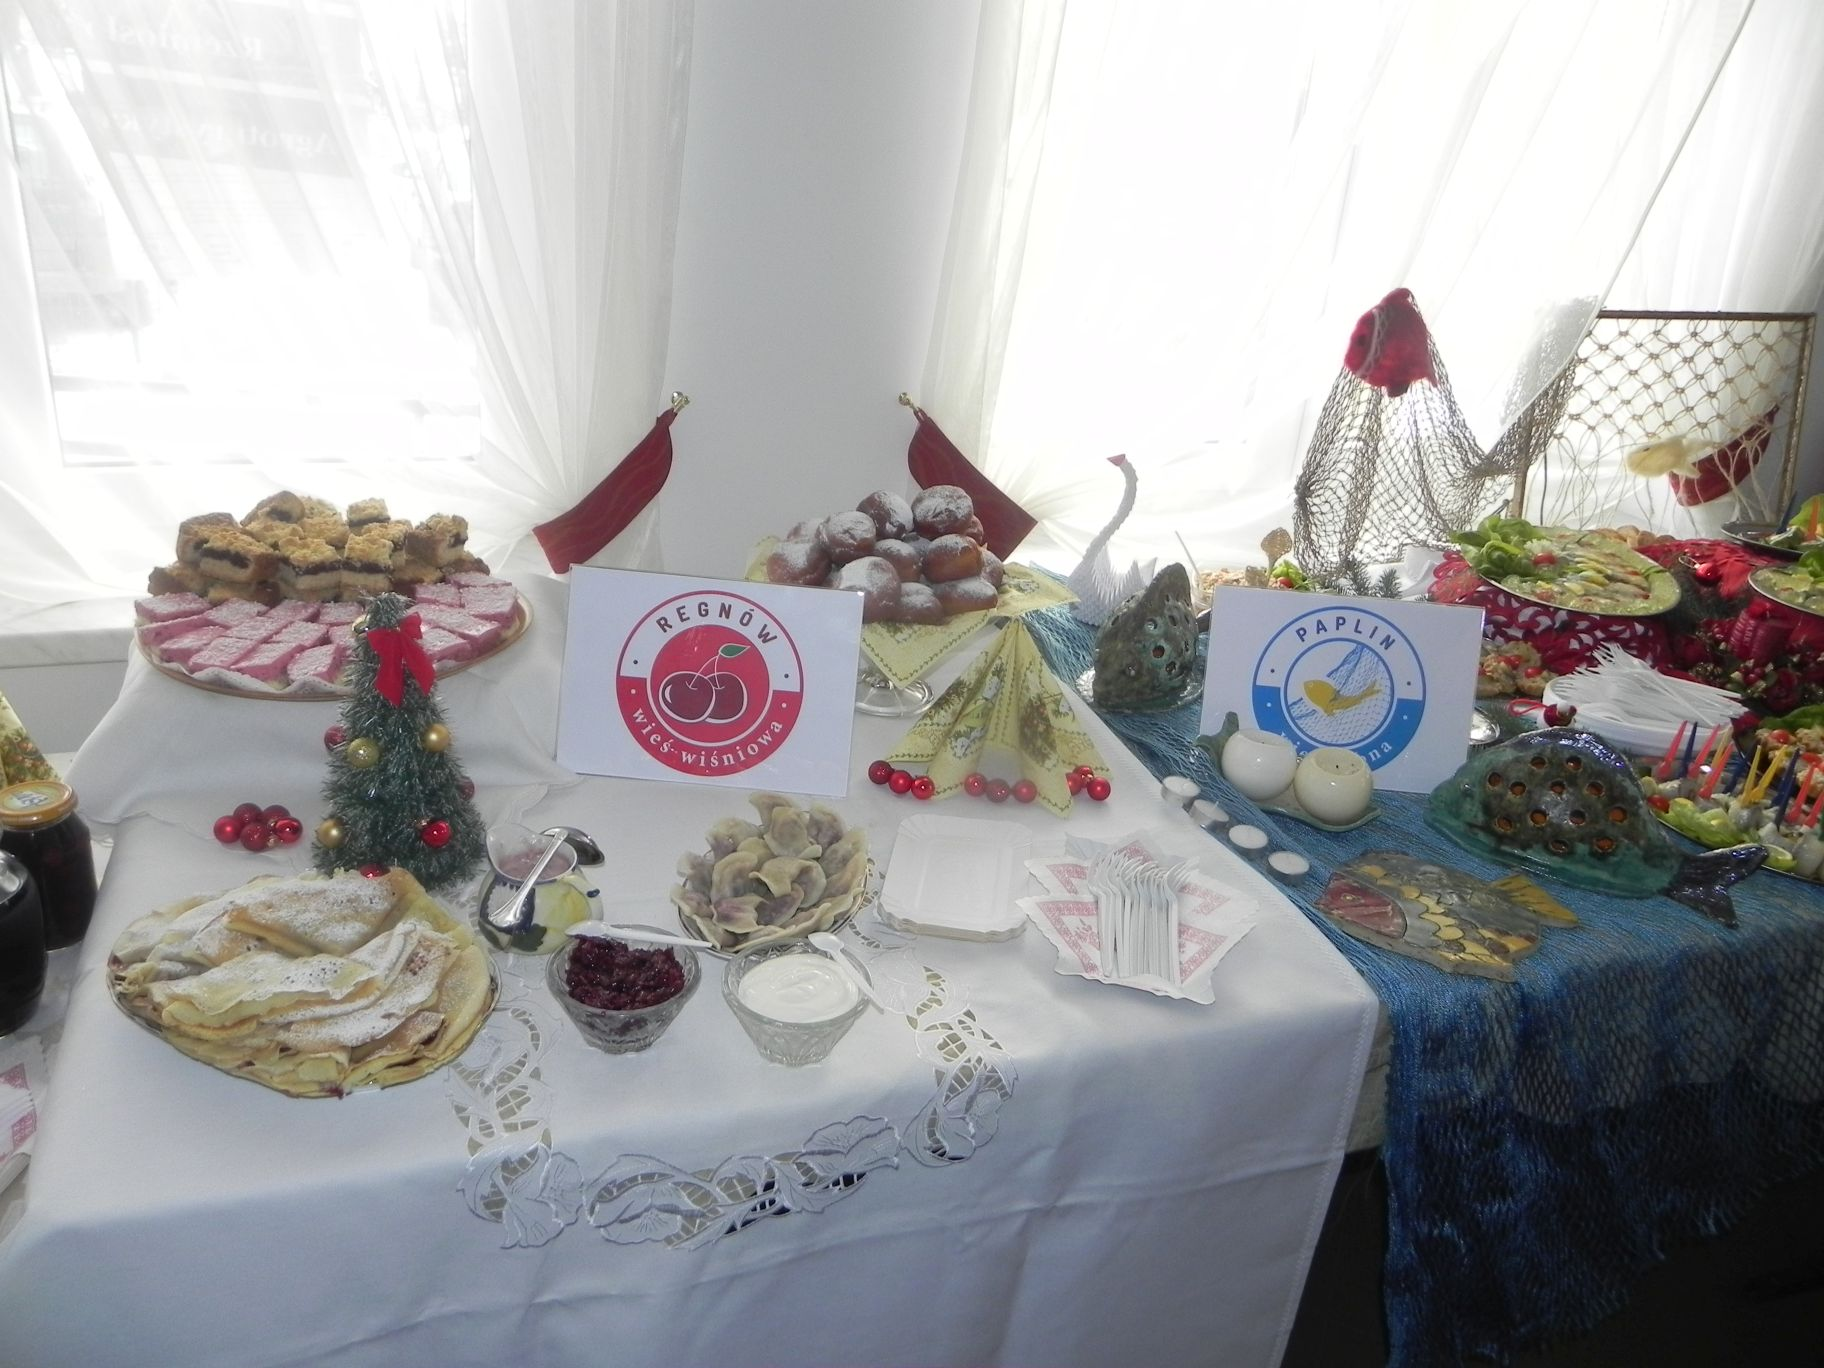 2012-12-14 Wilkowice - Konferencja Wioski tematyczne (55)